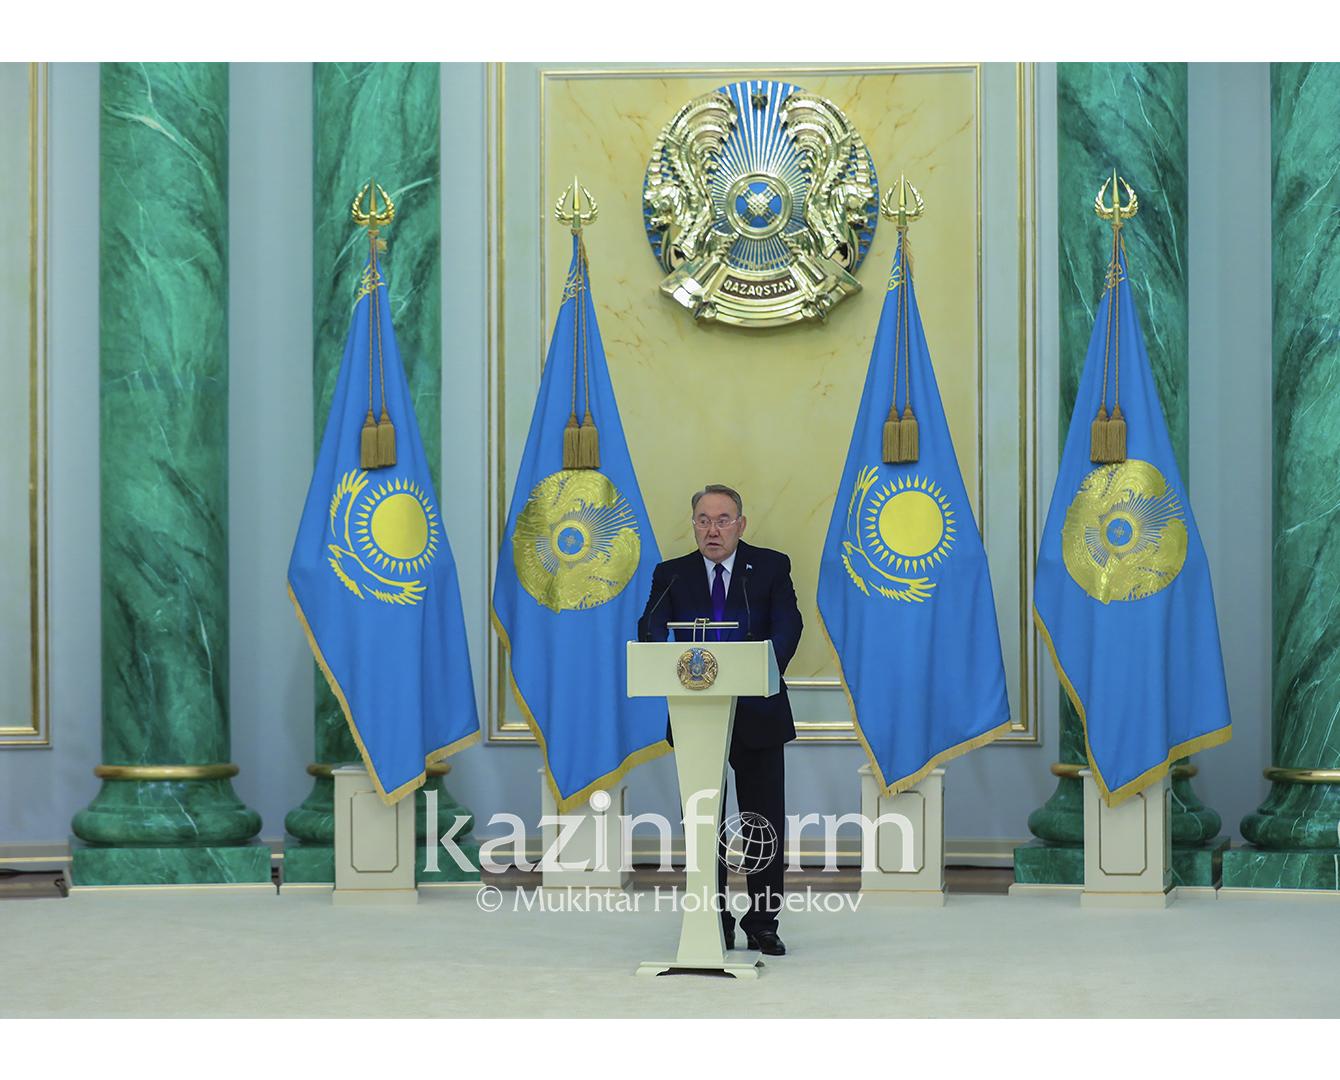 Нурсултан Назарбаев поздравил казахстанцев с предстоящим Днем Независимости РК